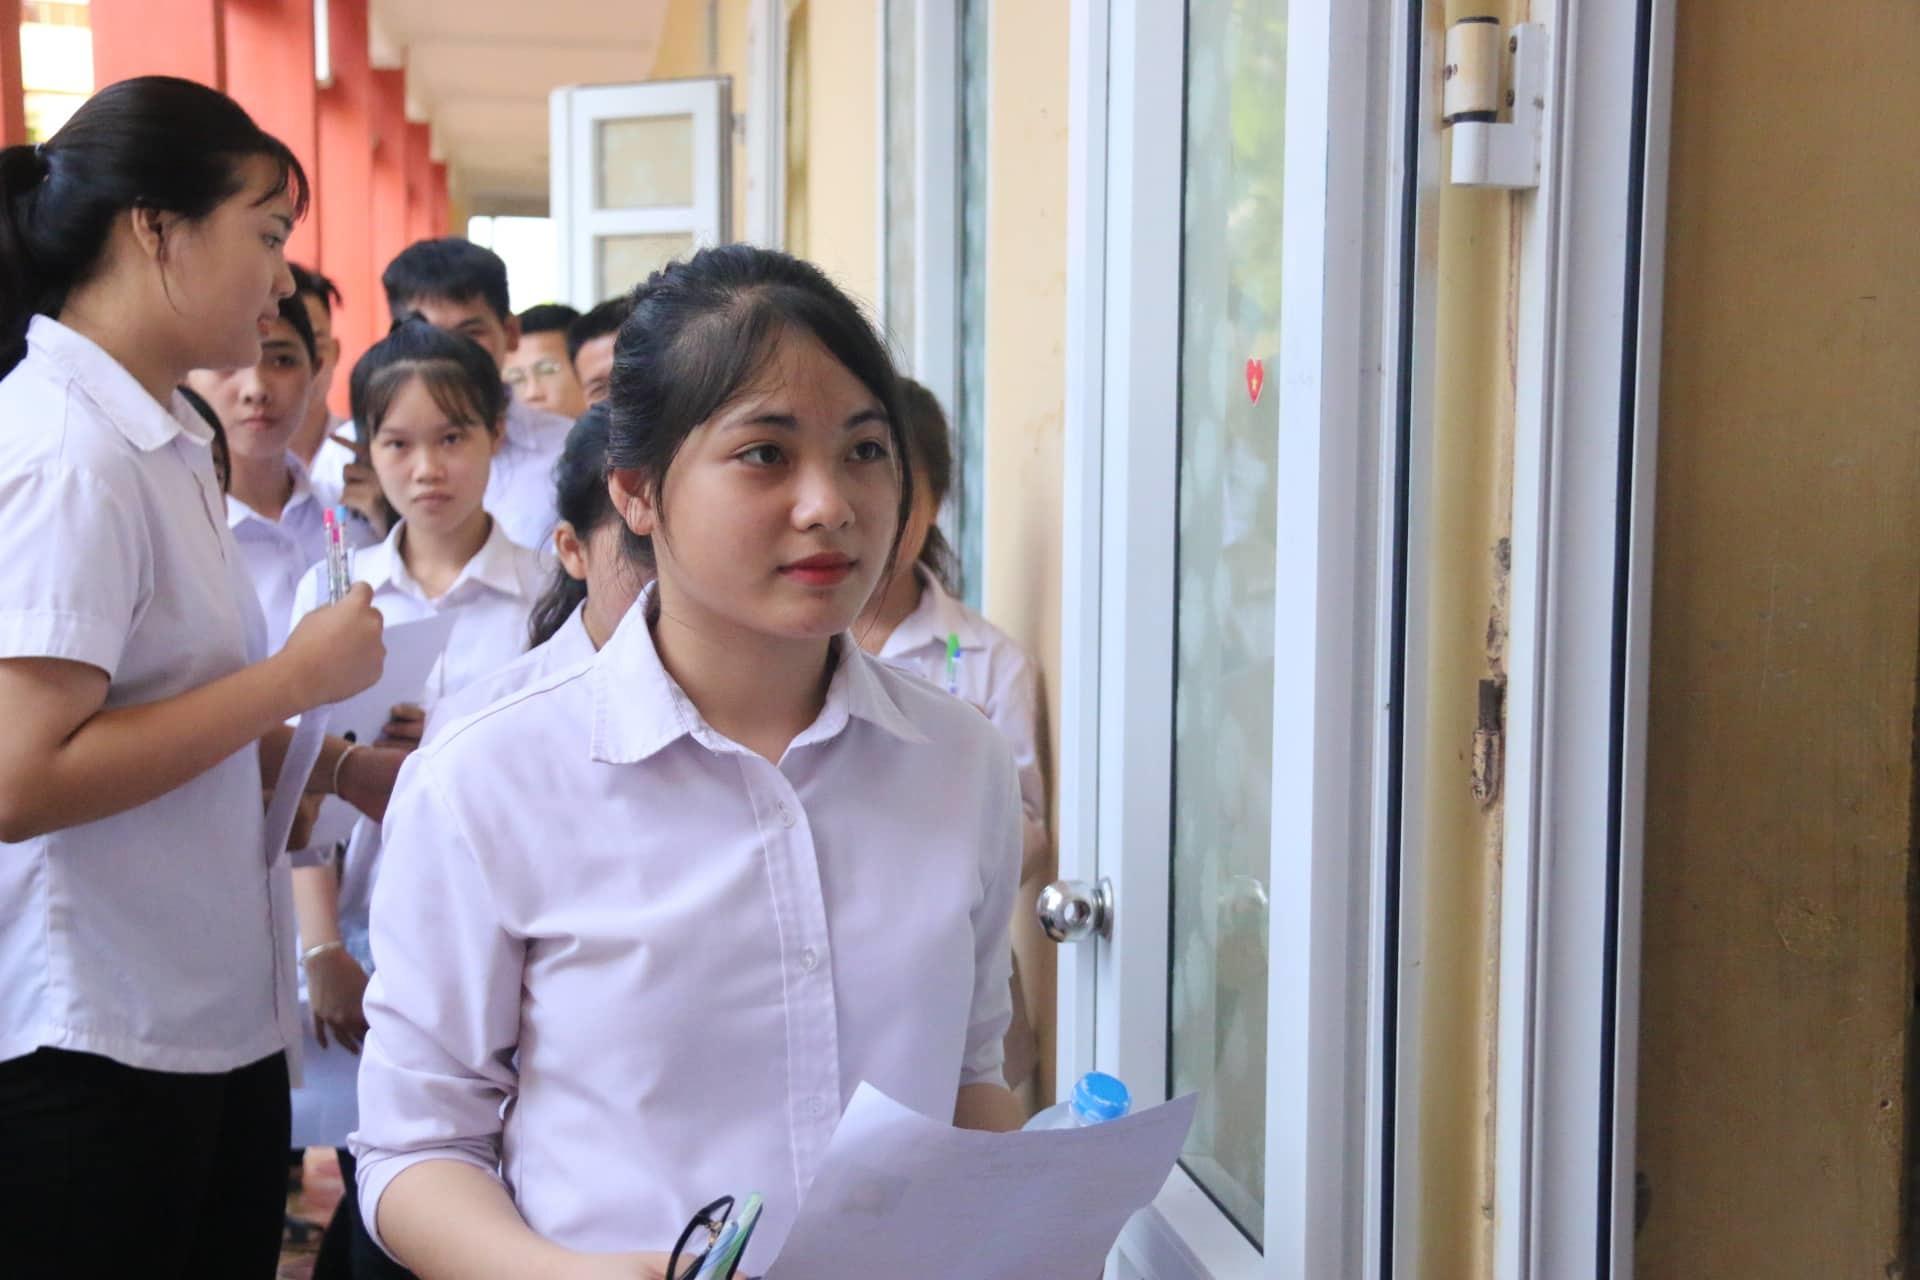 Bắt đầu kỳ thi THPT quốc gia với gần 900.000 thí sinh